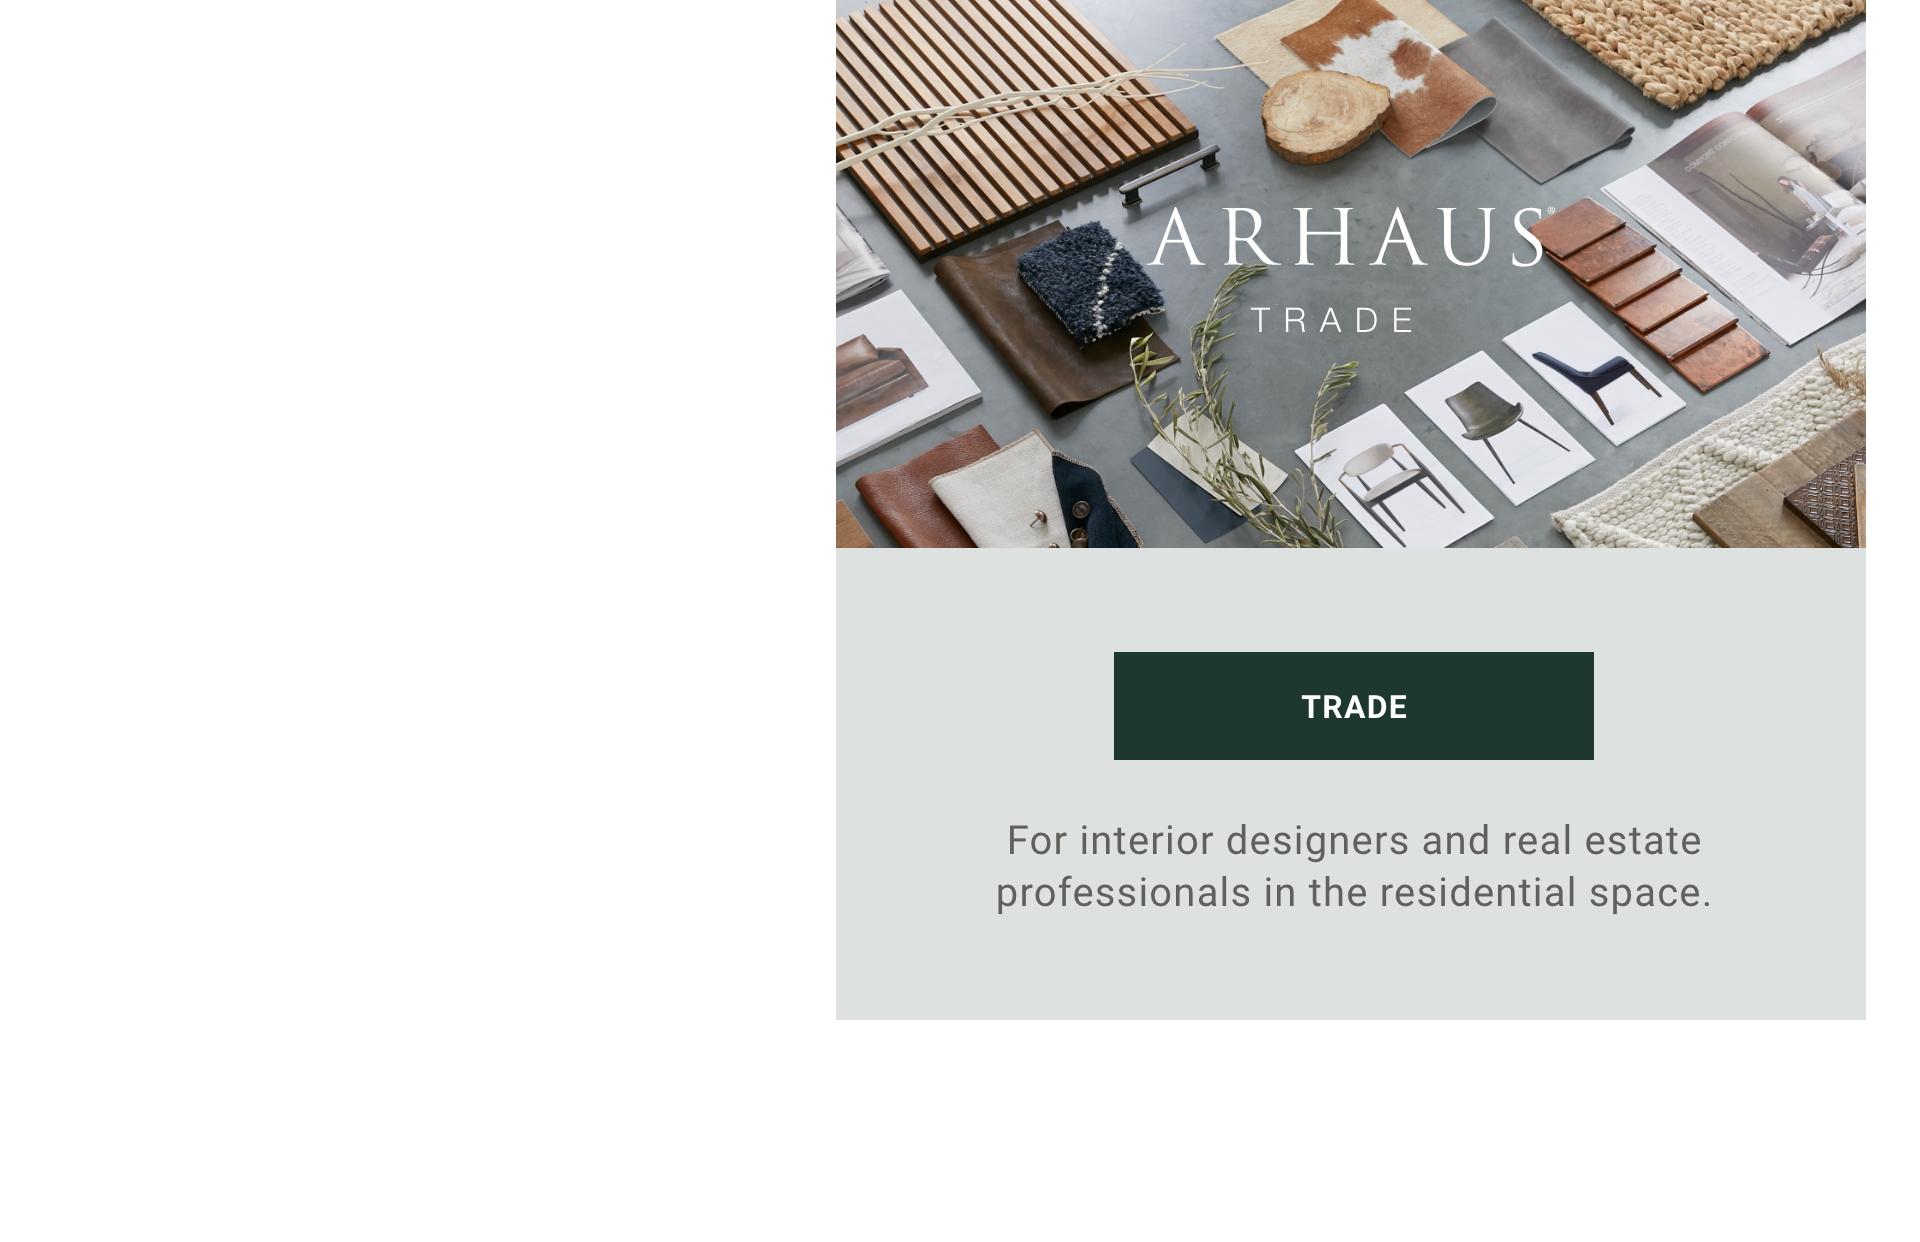 Arhaus Trade Program